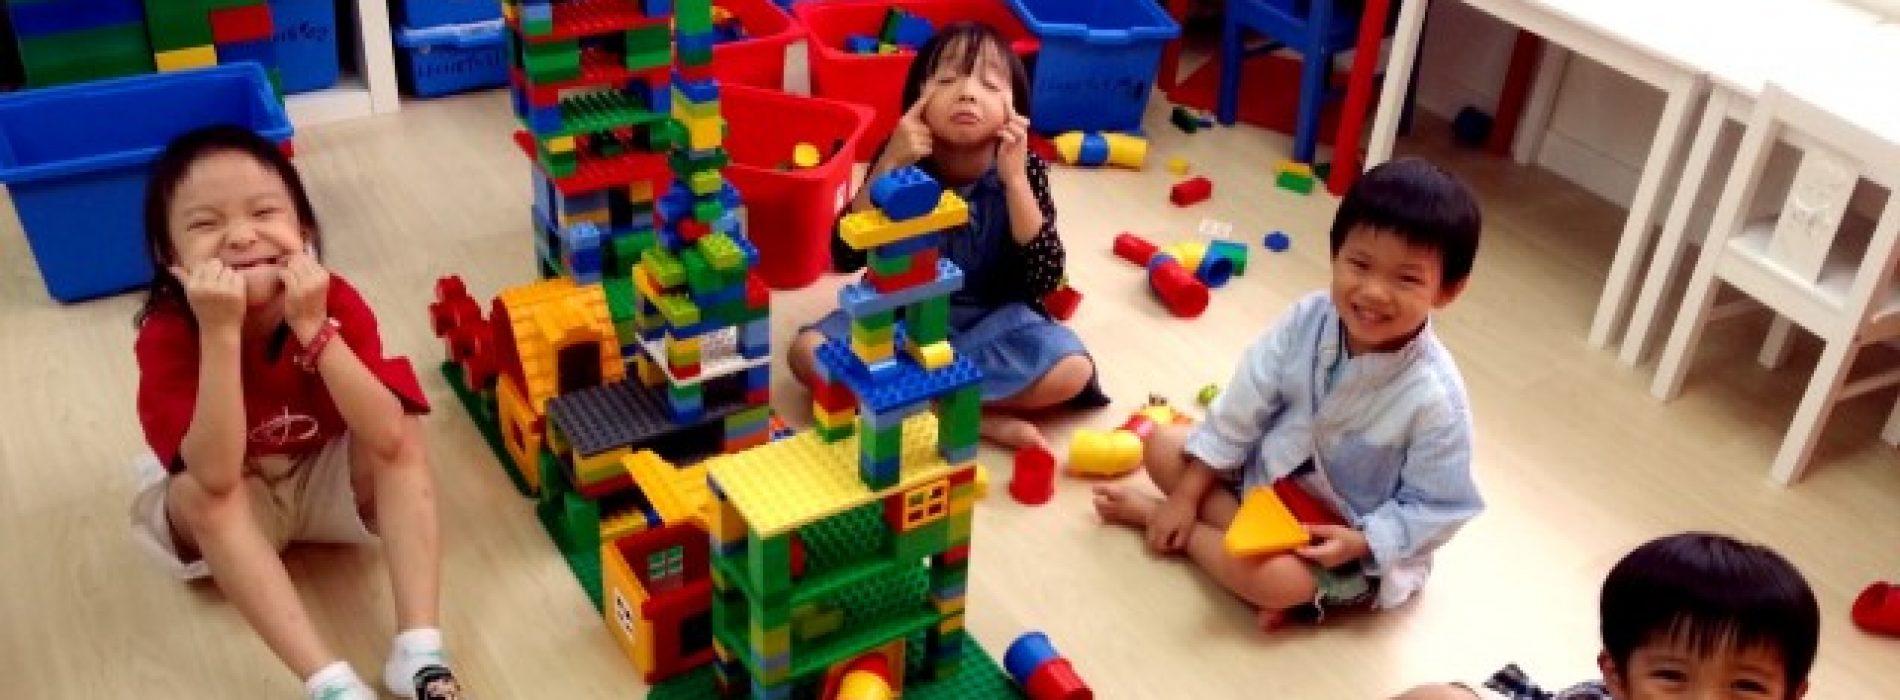 送「香港書展」門券 + 免費玩價值$1,680「LEGO® Education暑期工作坊」